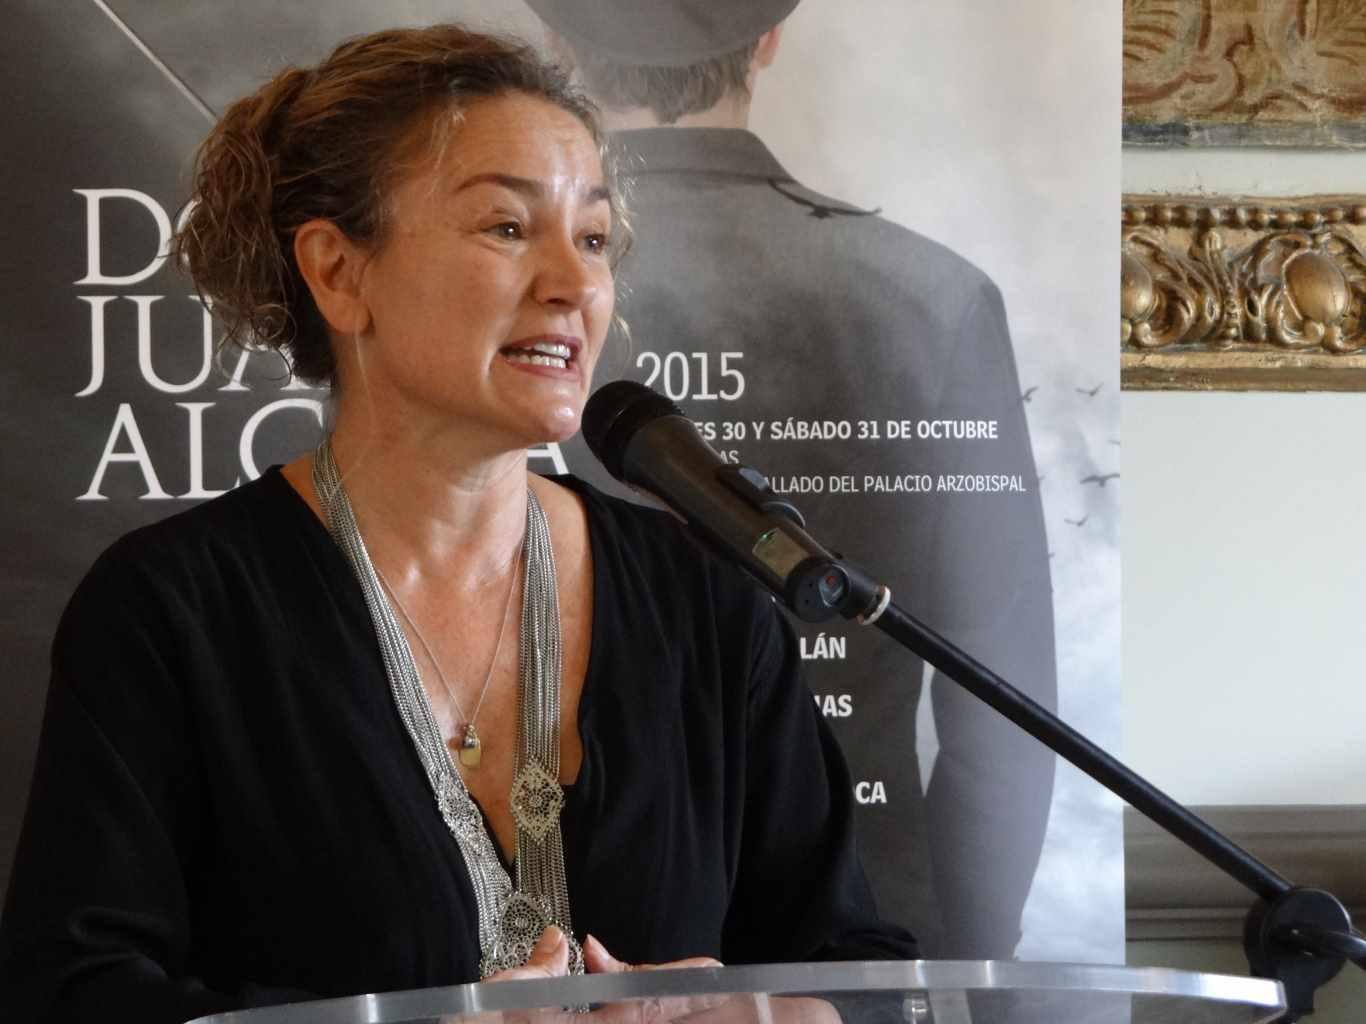 Presentación Don Juan en Alcalá 2015 (86)